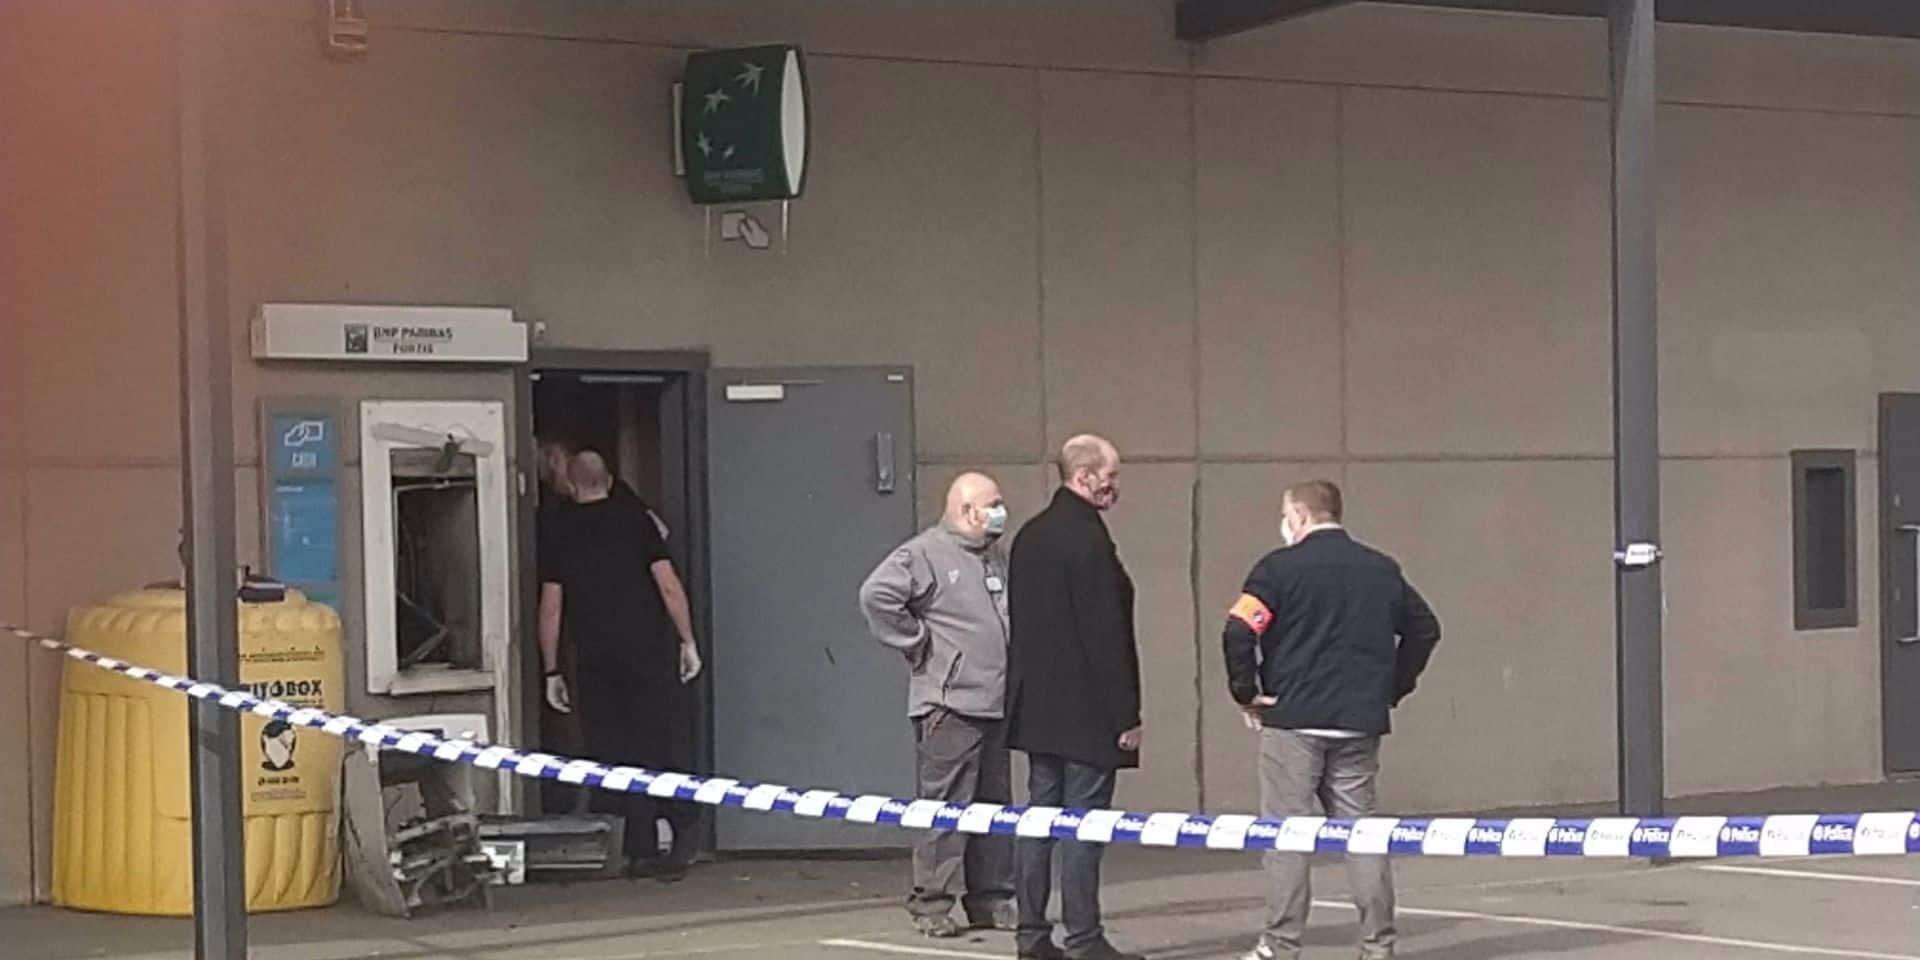 Maisières : Un distributeur attaqué à l'explosif au centre commercial